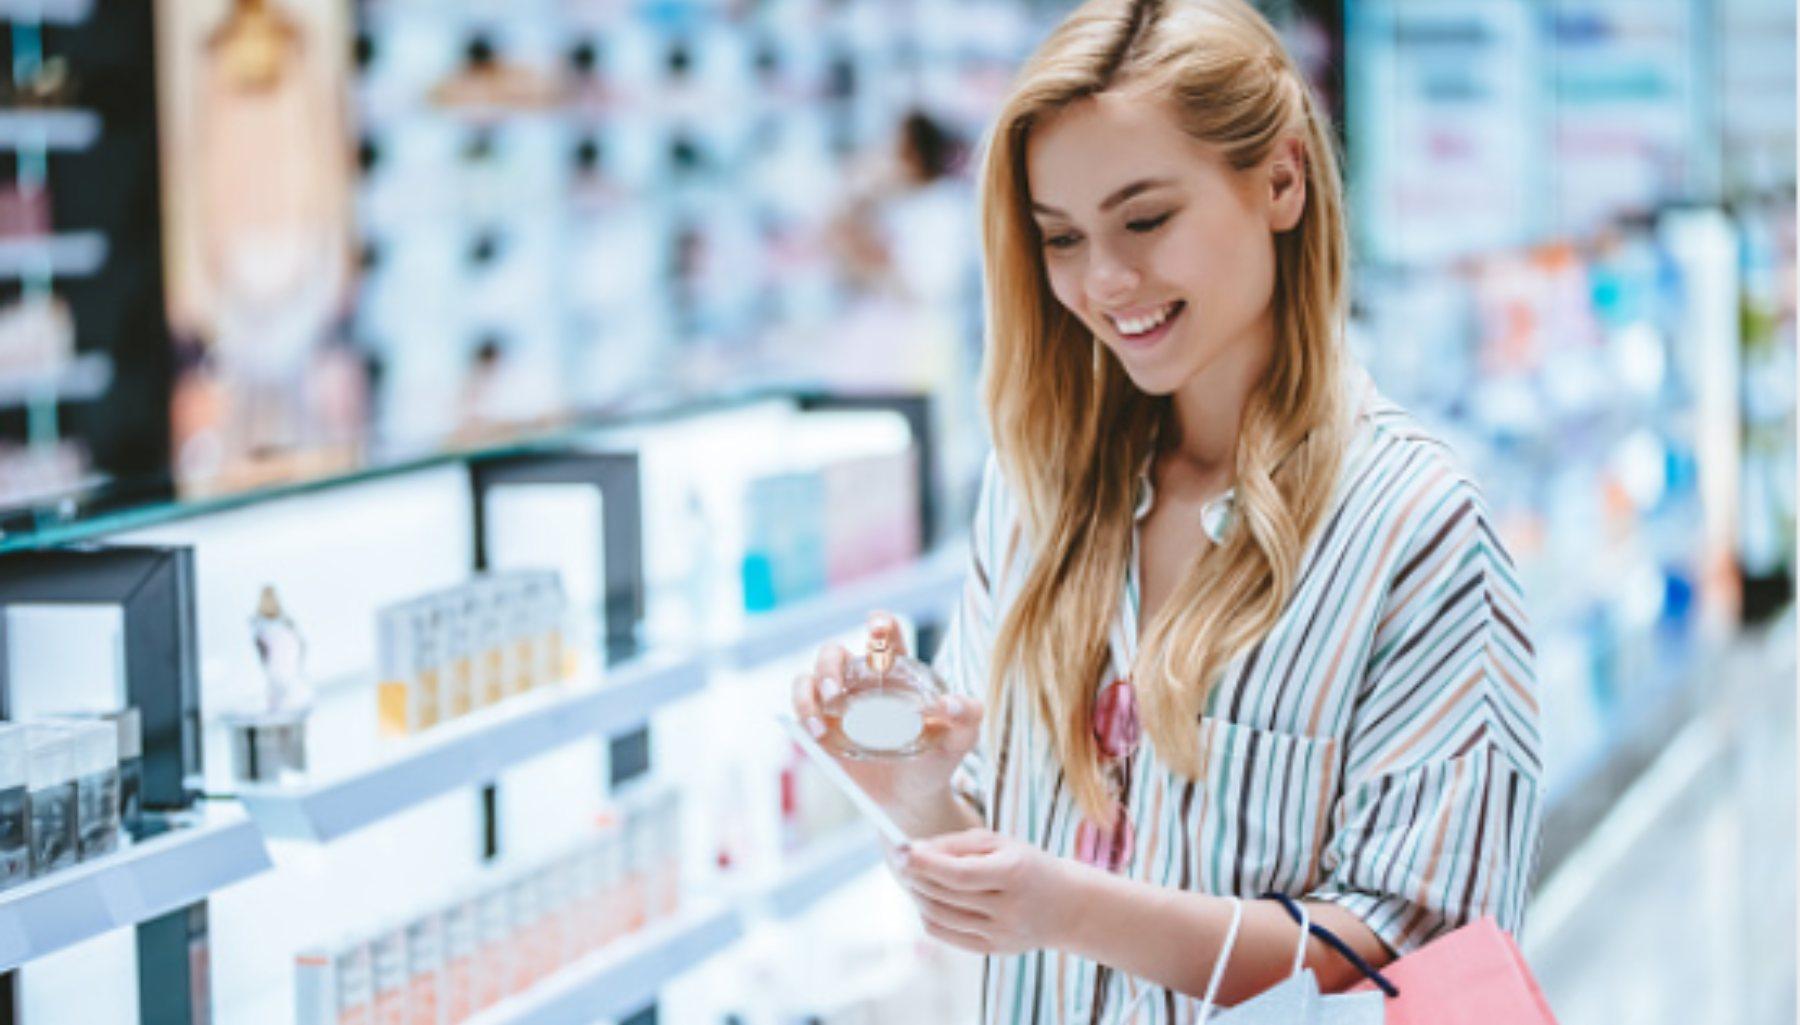 Oferta Flash de Druni: Estos son los mejores productos de belleza y perfumería